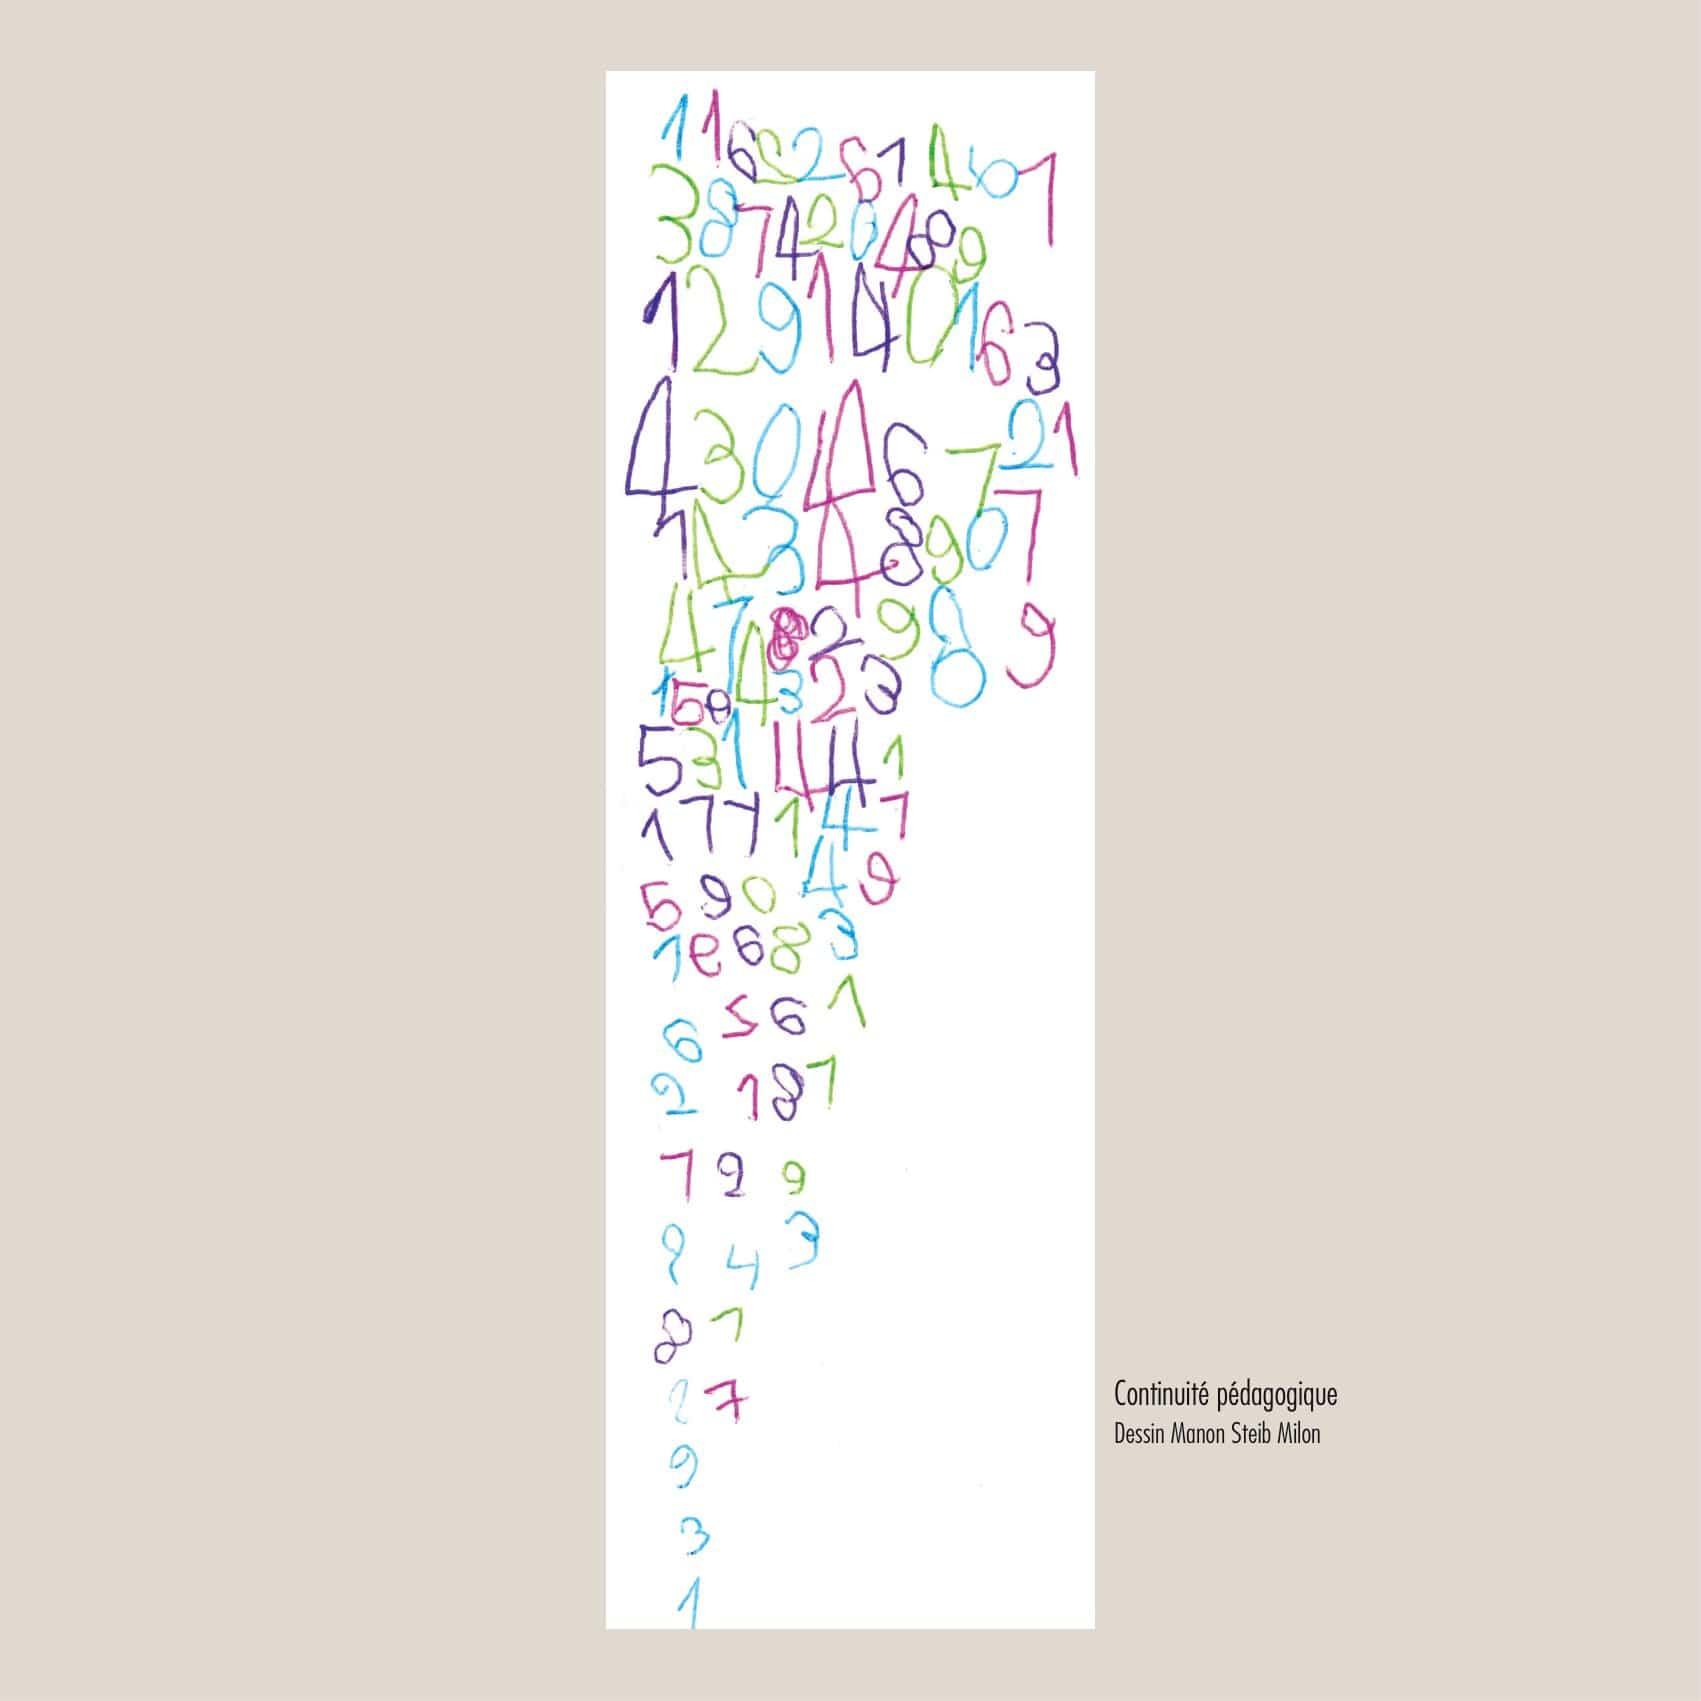 catalogue-numerique-dedans-dehors_16